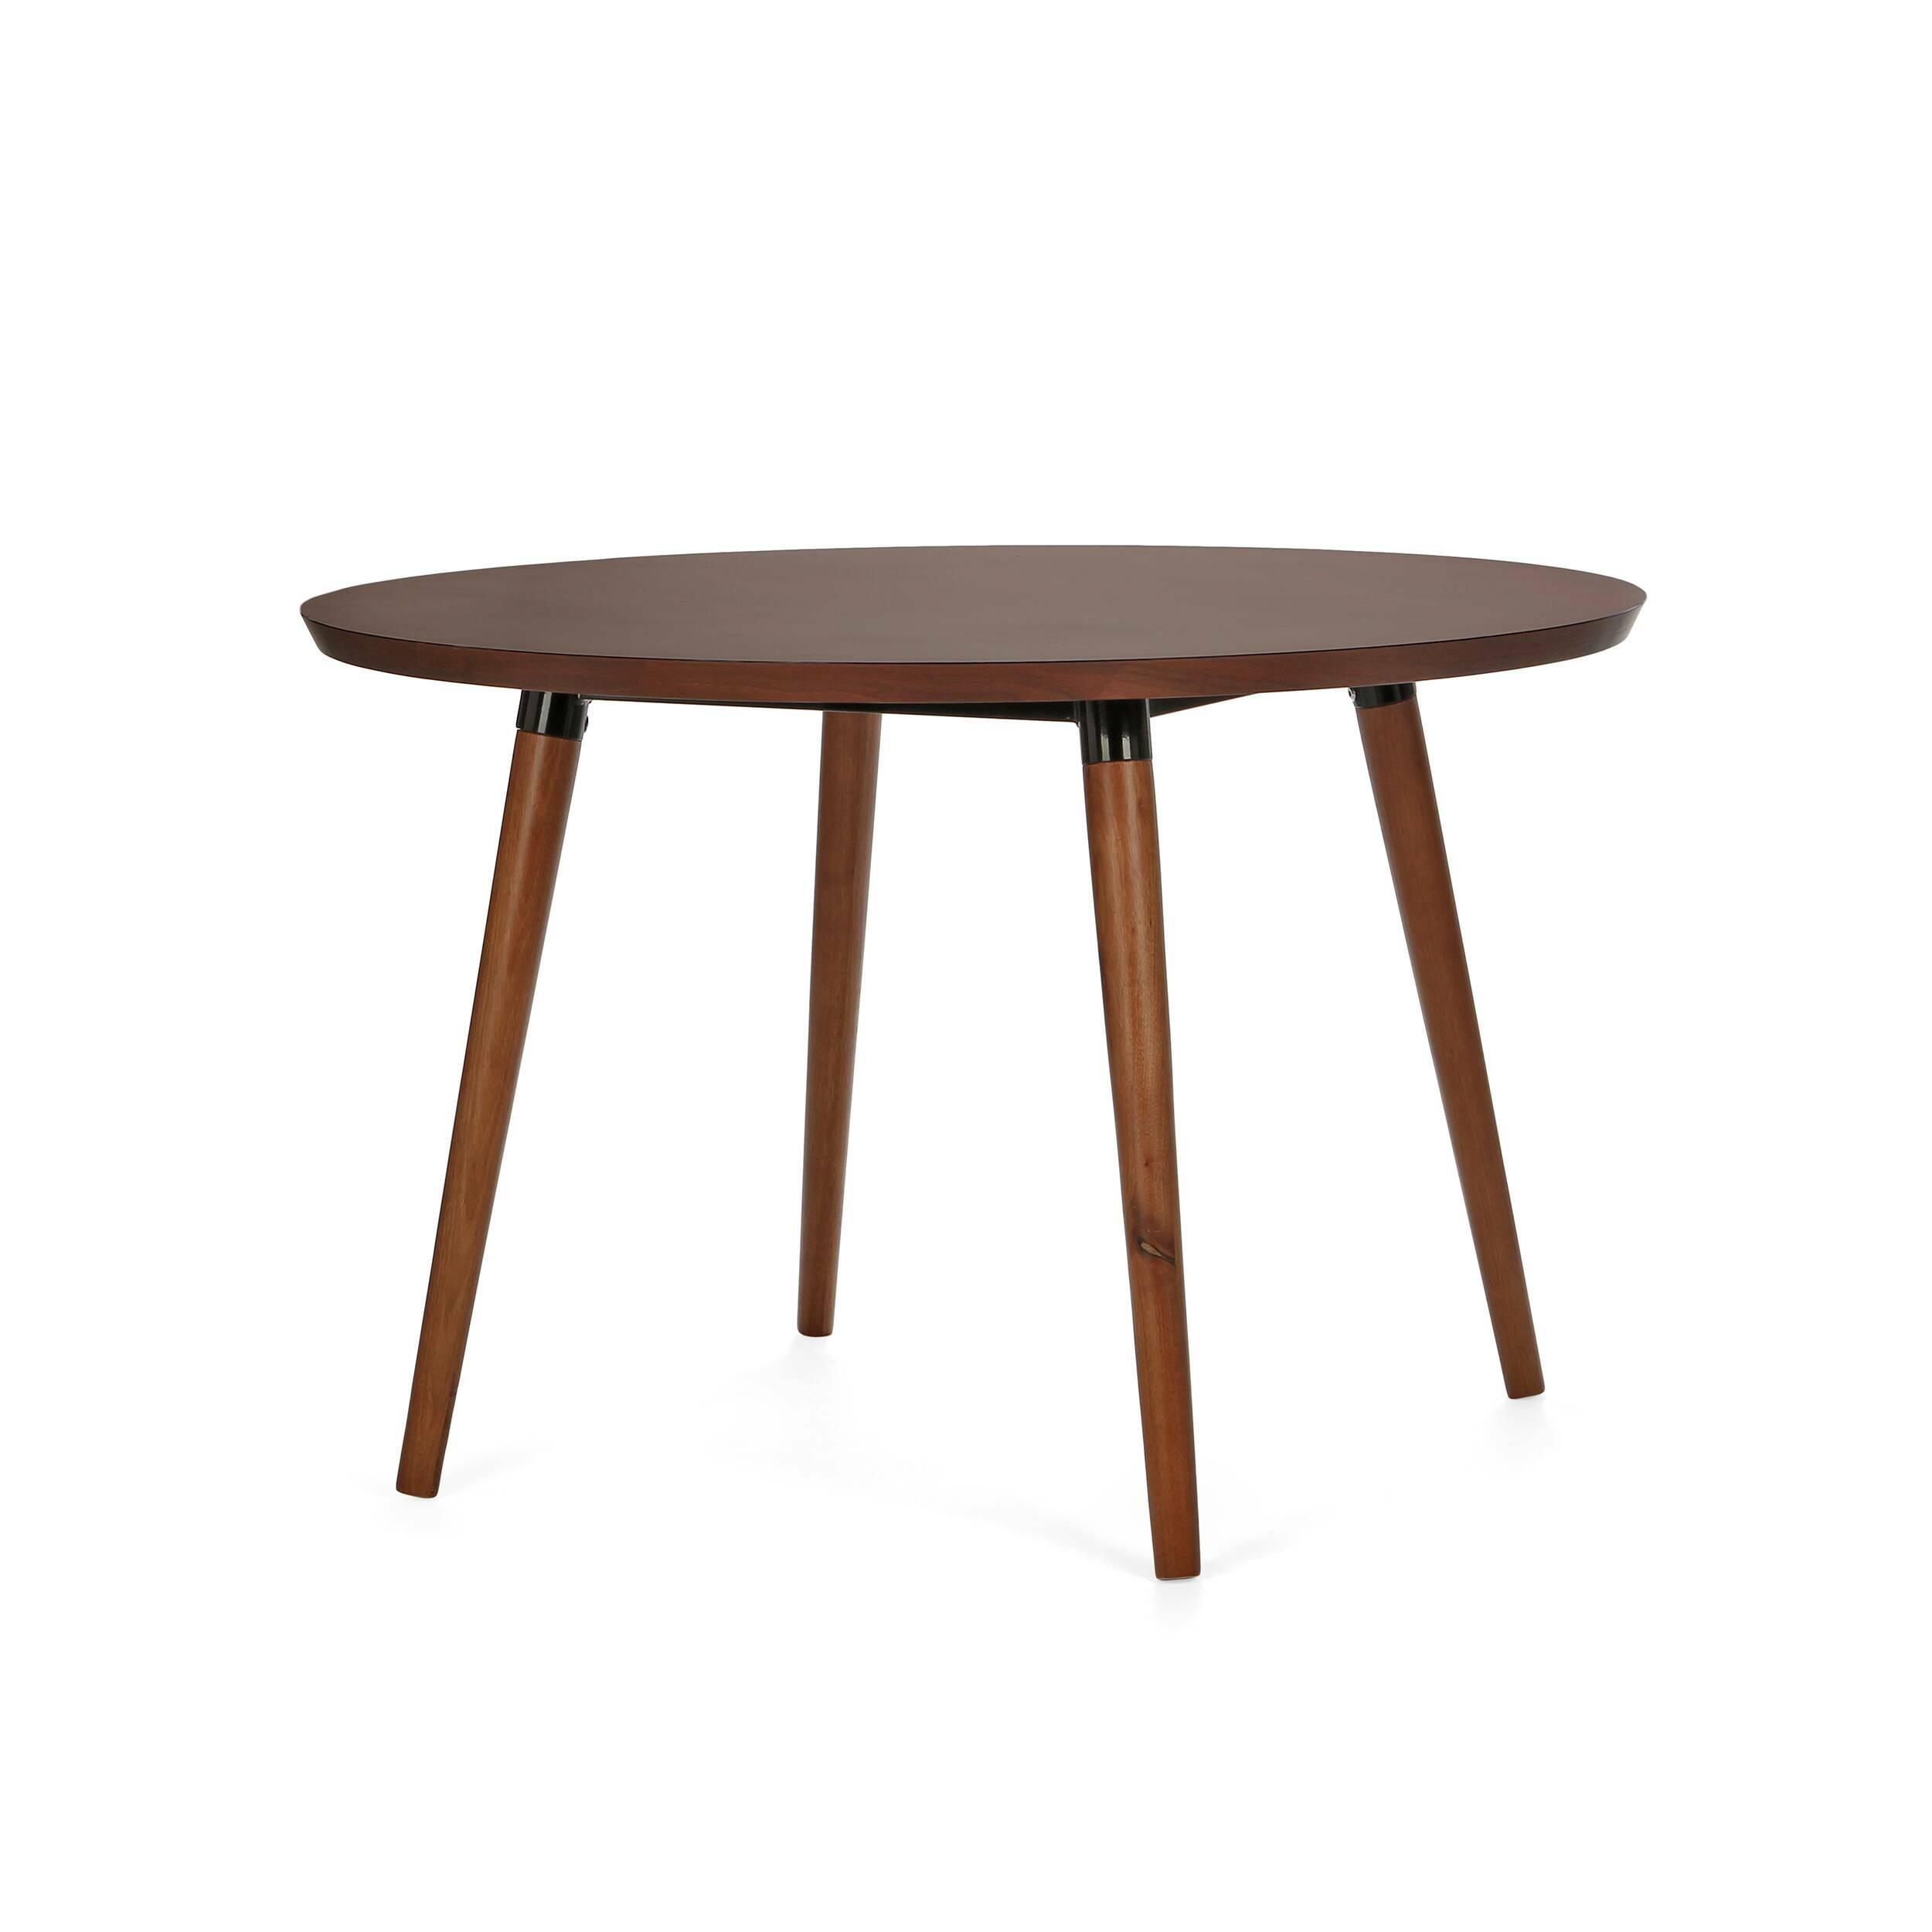 Обеденный стол Copine круглыйОбеденные<br>Крупный стол Copine круглый — актуальное решение для просторных кухонь больших семей. За его круглой столешницей могут свободно уместиться до пяти человек, что очень удобно для тех, кто любит принимать гостей. Его современный дизайн в стиле датский модерн обязательно придется по вкусу всем, кто действительно разбирается в дизайне и ценит простой семейный уют. <br><br><br> Благодаря темной столешнице, изделие отлично смотрится в интерьере с любым основным цветом. В зависимости от него, стол выг...<br><br>stock: 0<br>Высота: 75<br>Диаметр: 120<br>Материал каркаса: Массив ореха<br>Тип материала каркаса: Дерево<br>Цвет каркаса: Орех американский